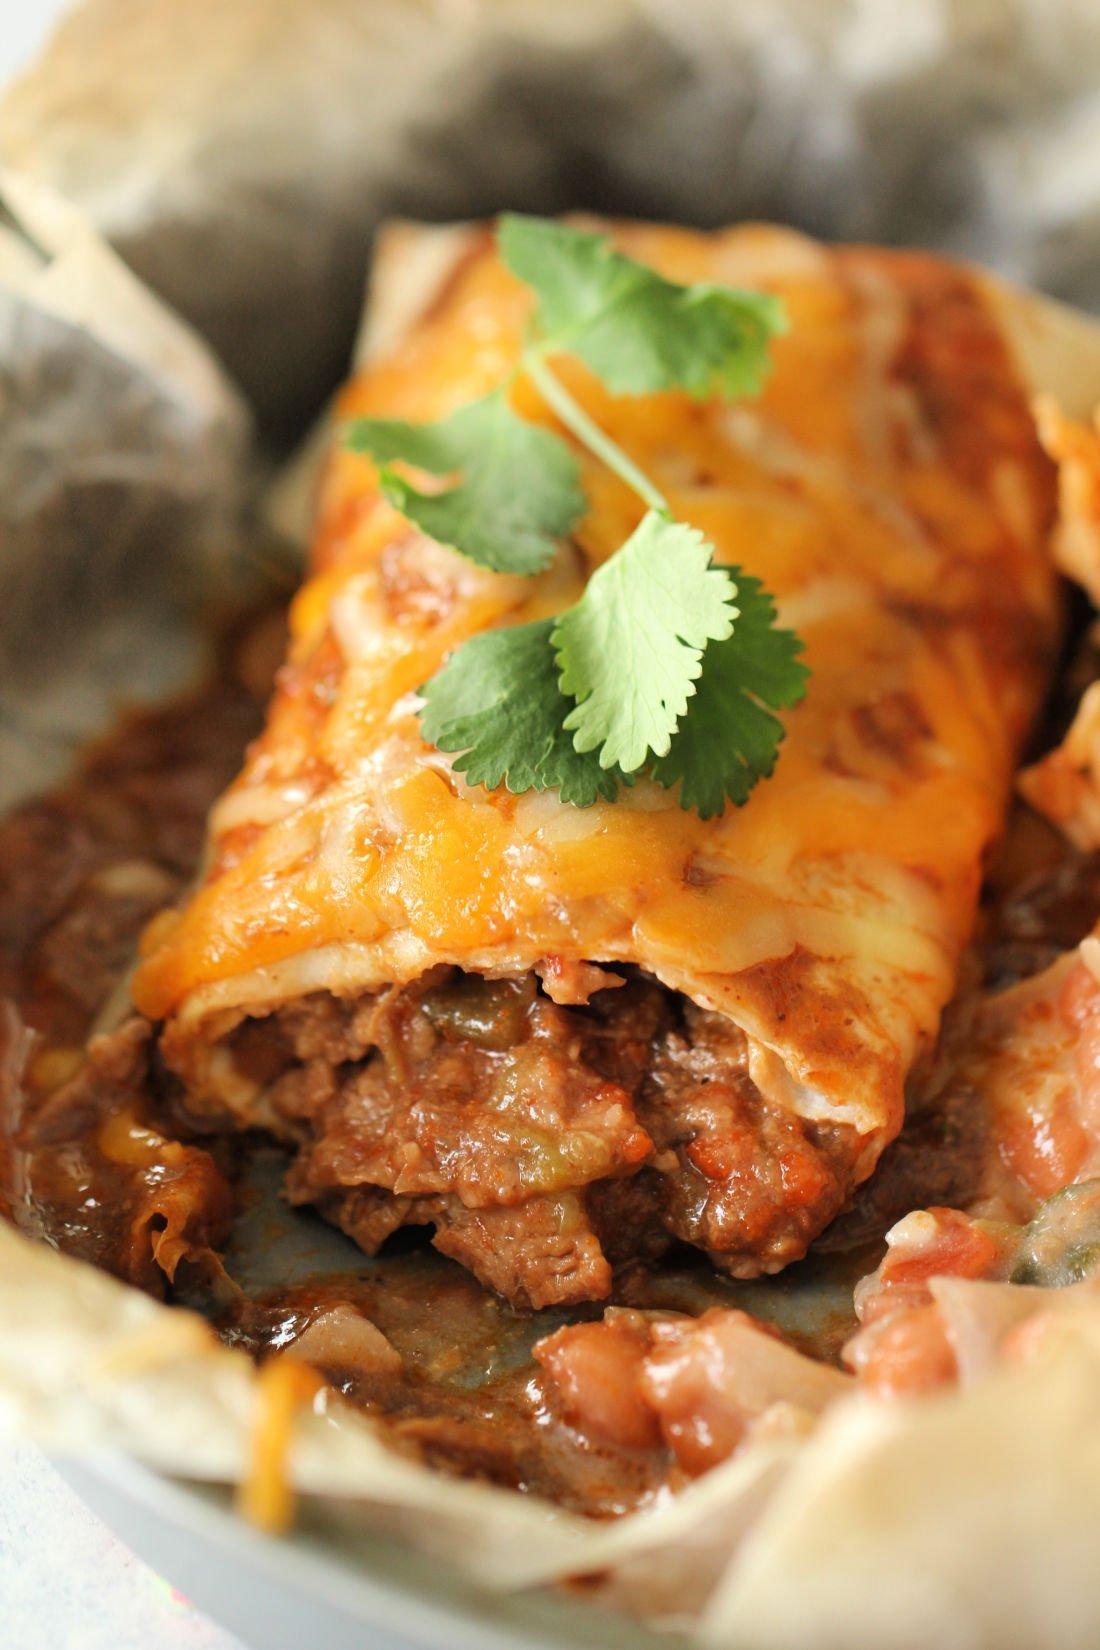 Slow Cooker Chile Colorado Beef Burritos